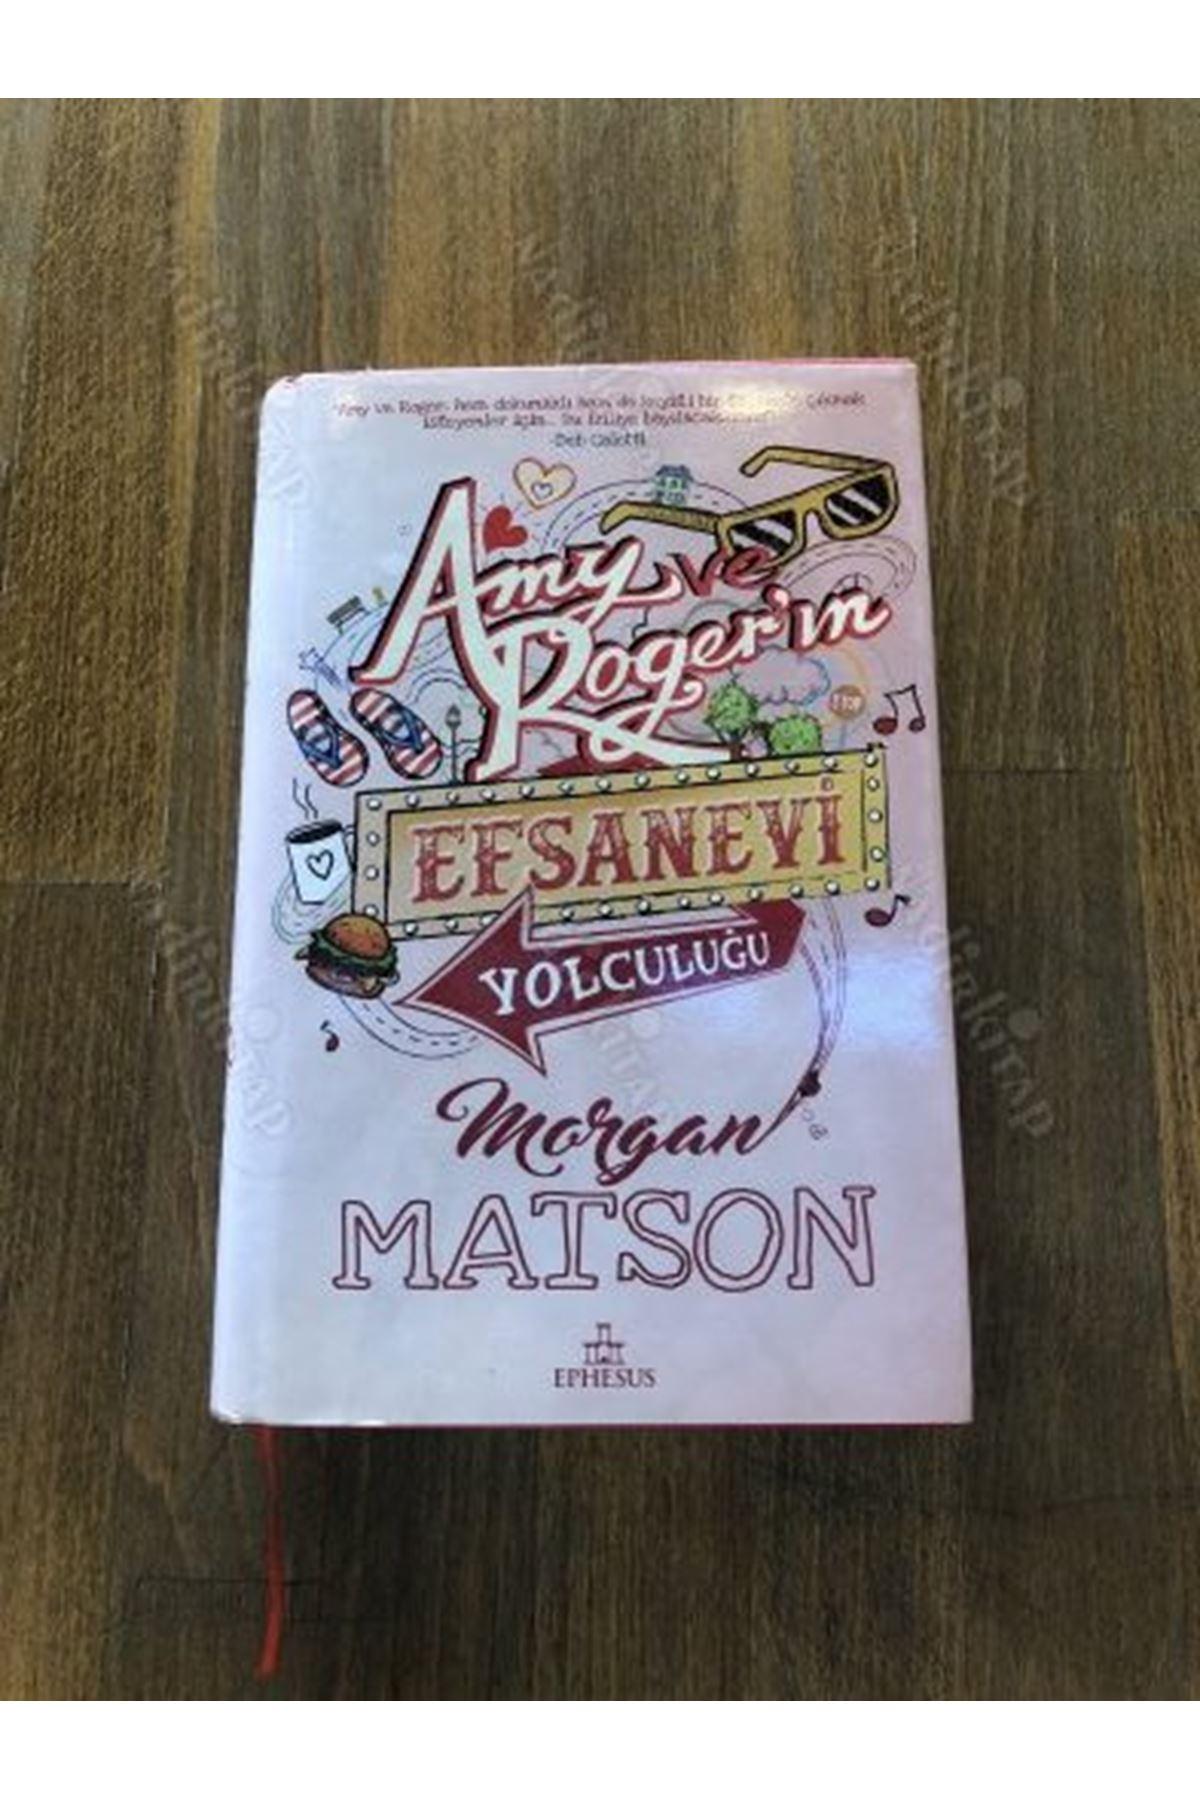 MORGAN MATSON - AMY VE ROGER'IN ESFANEVİYOLCULUĞU